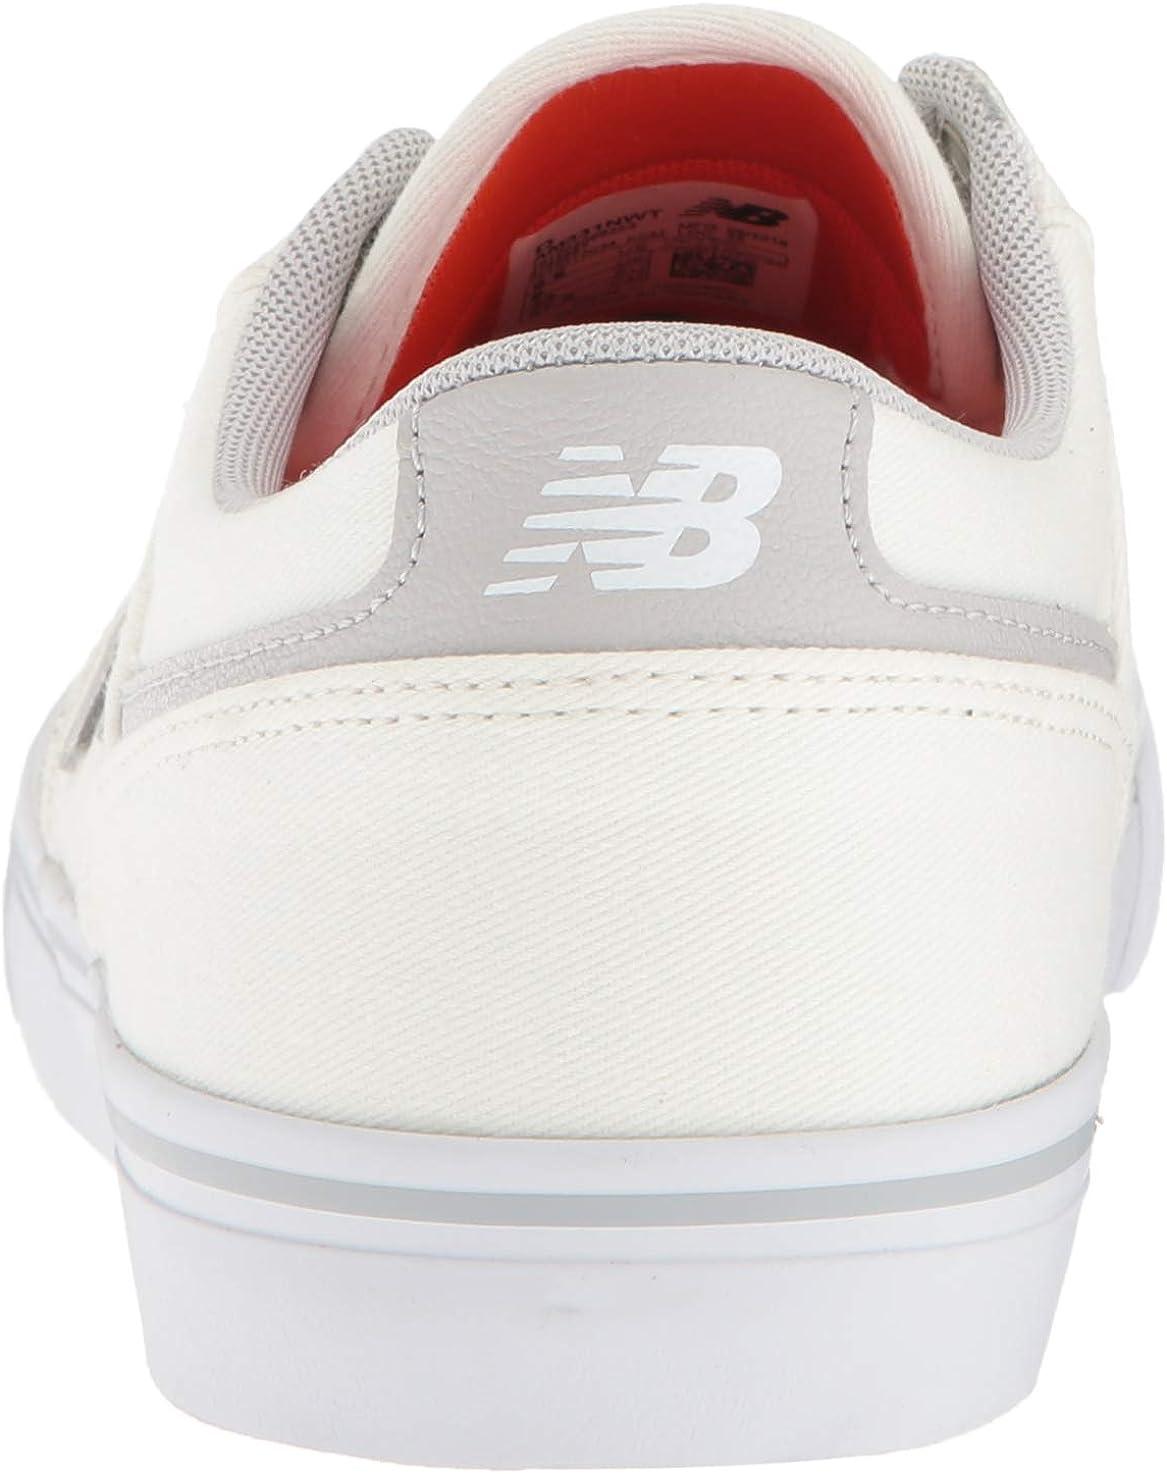 New Balance Men's 331v1 Skate Shoe